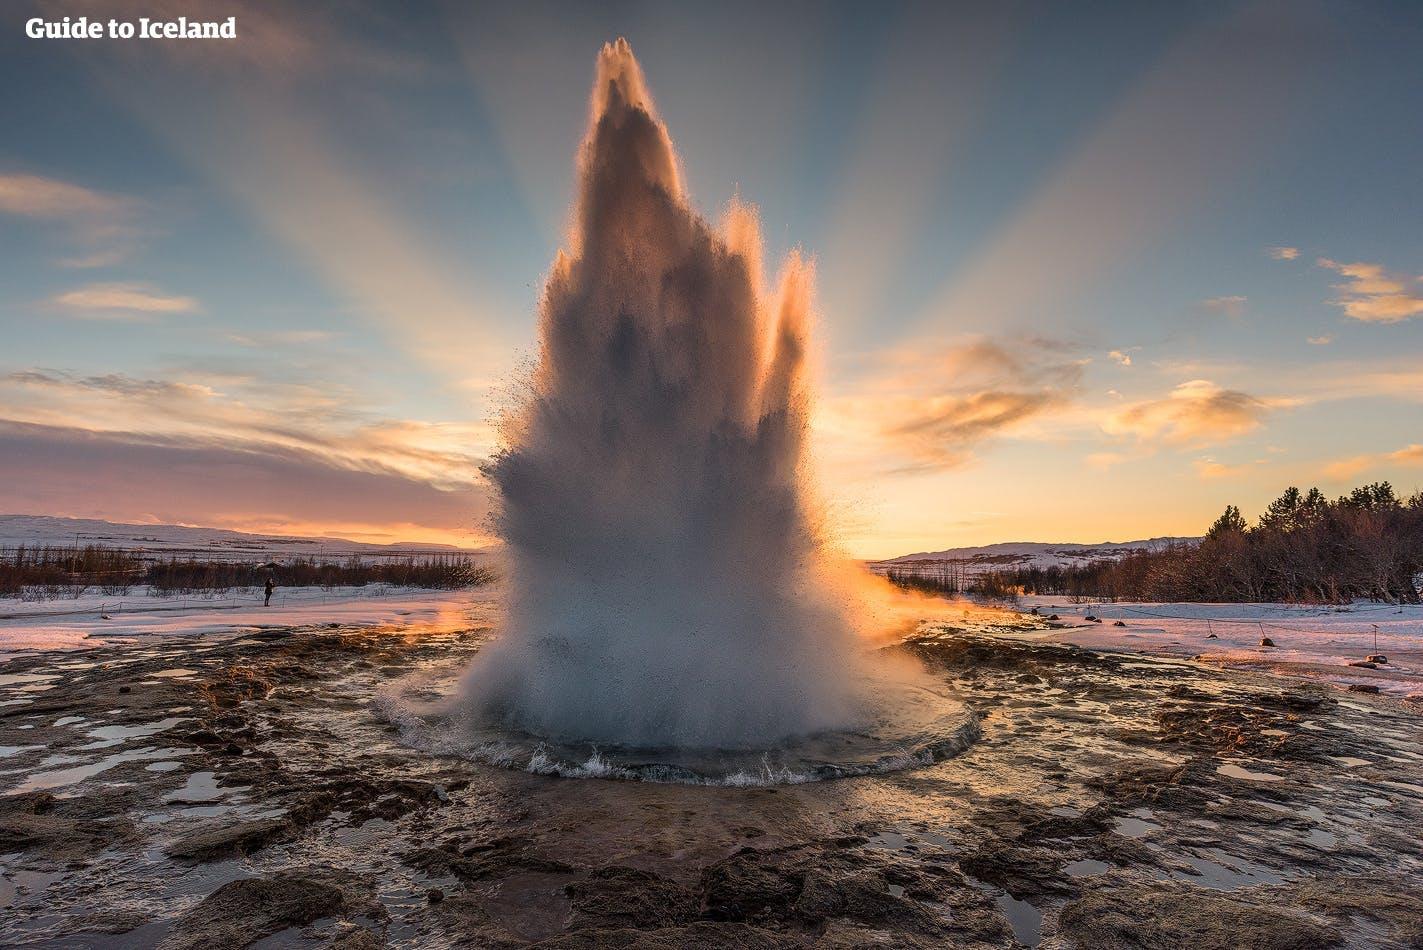 9 dni, wycieczka zorganizowana: powrót samolotem z Akureyri